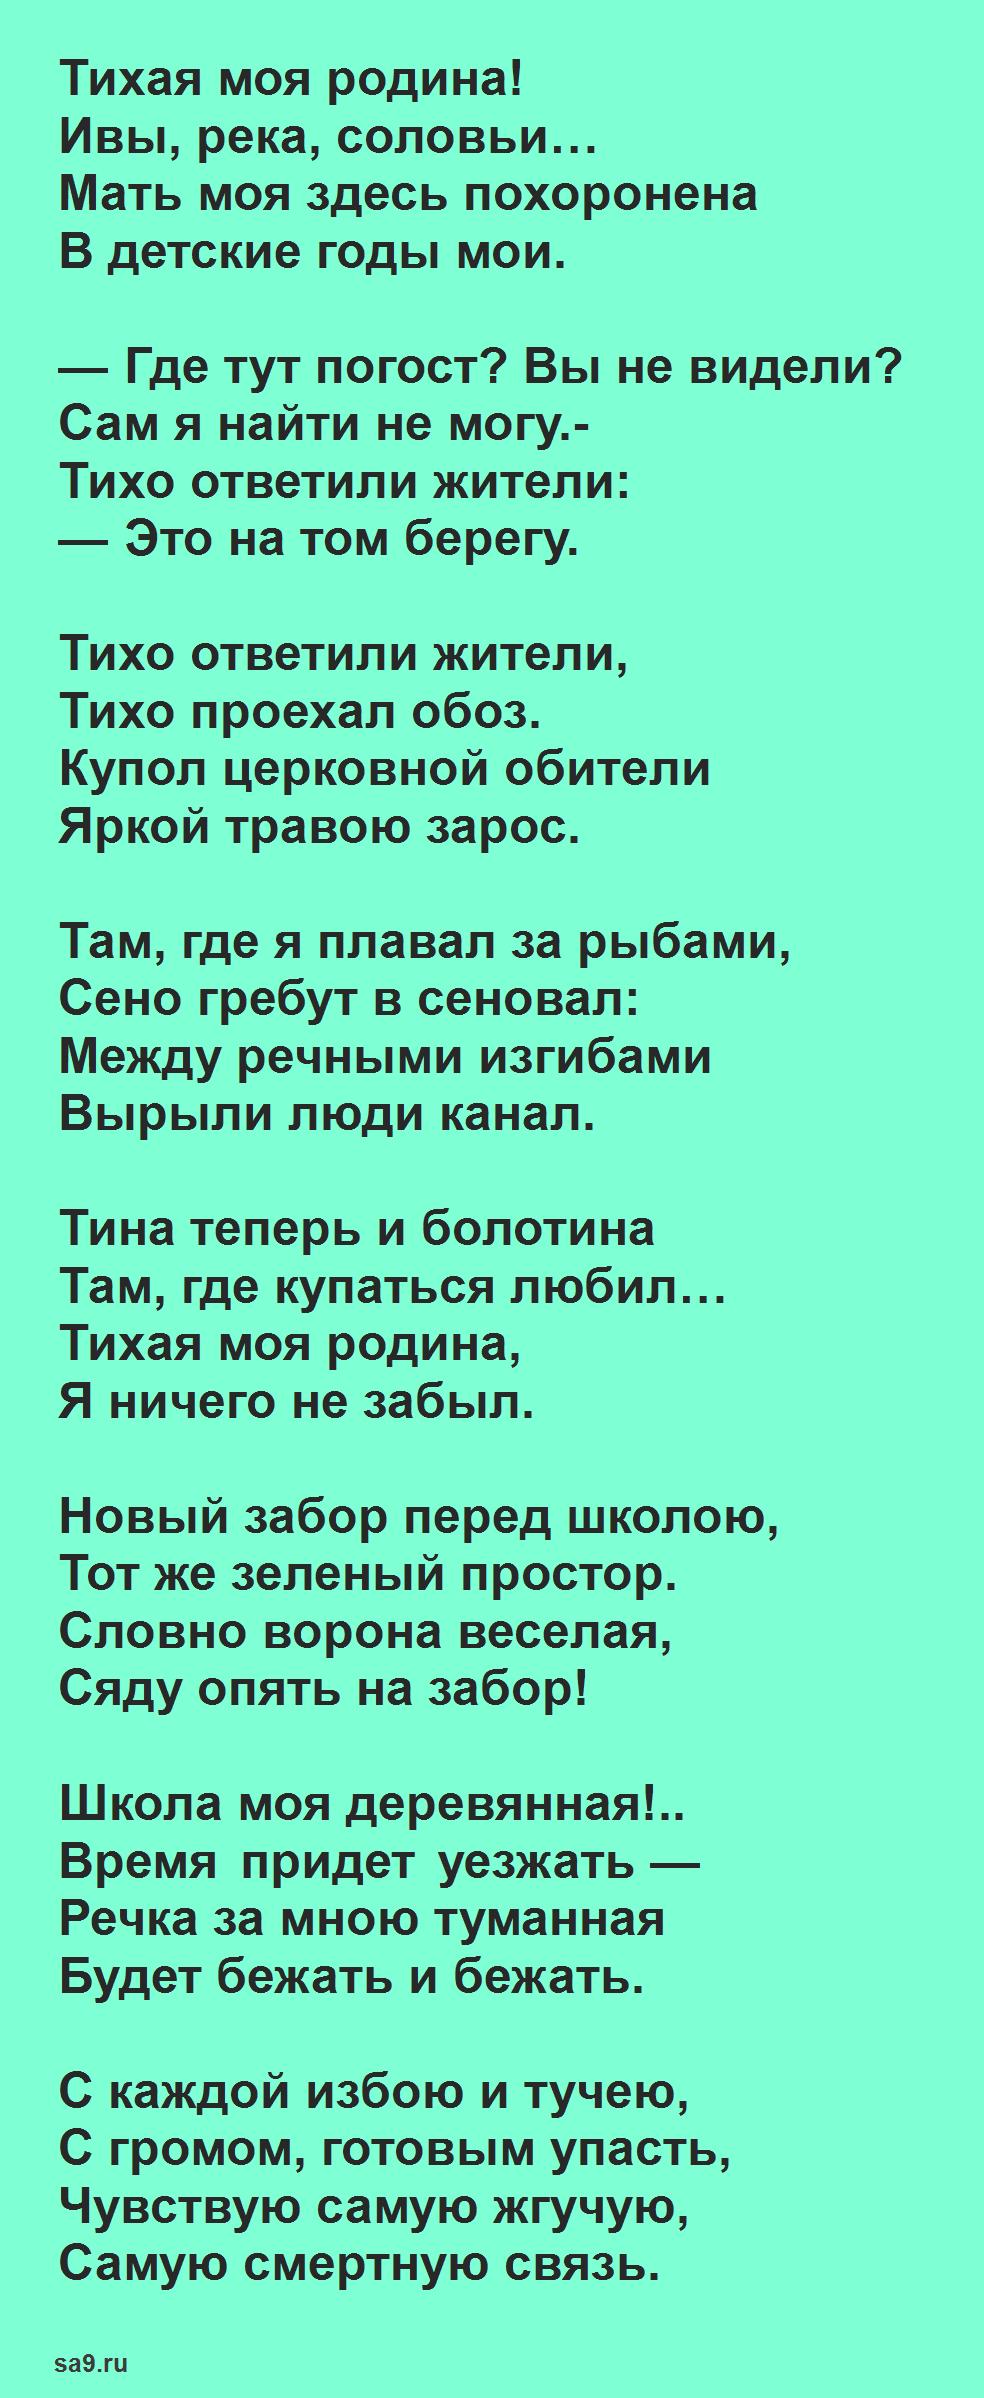 Стих Рубцова - Тихая моя Родина